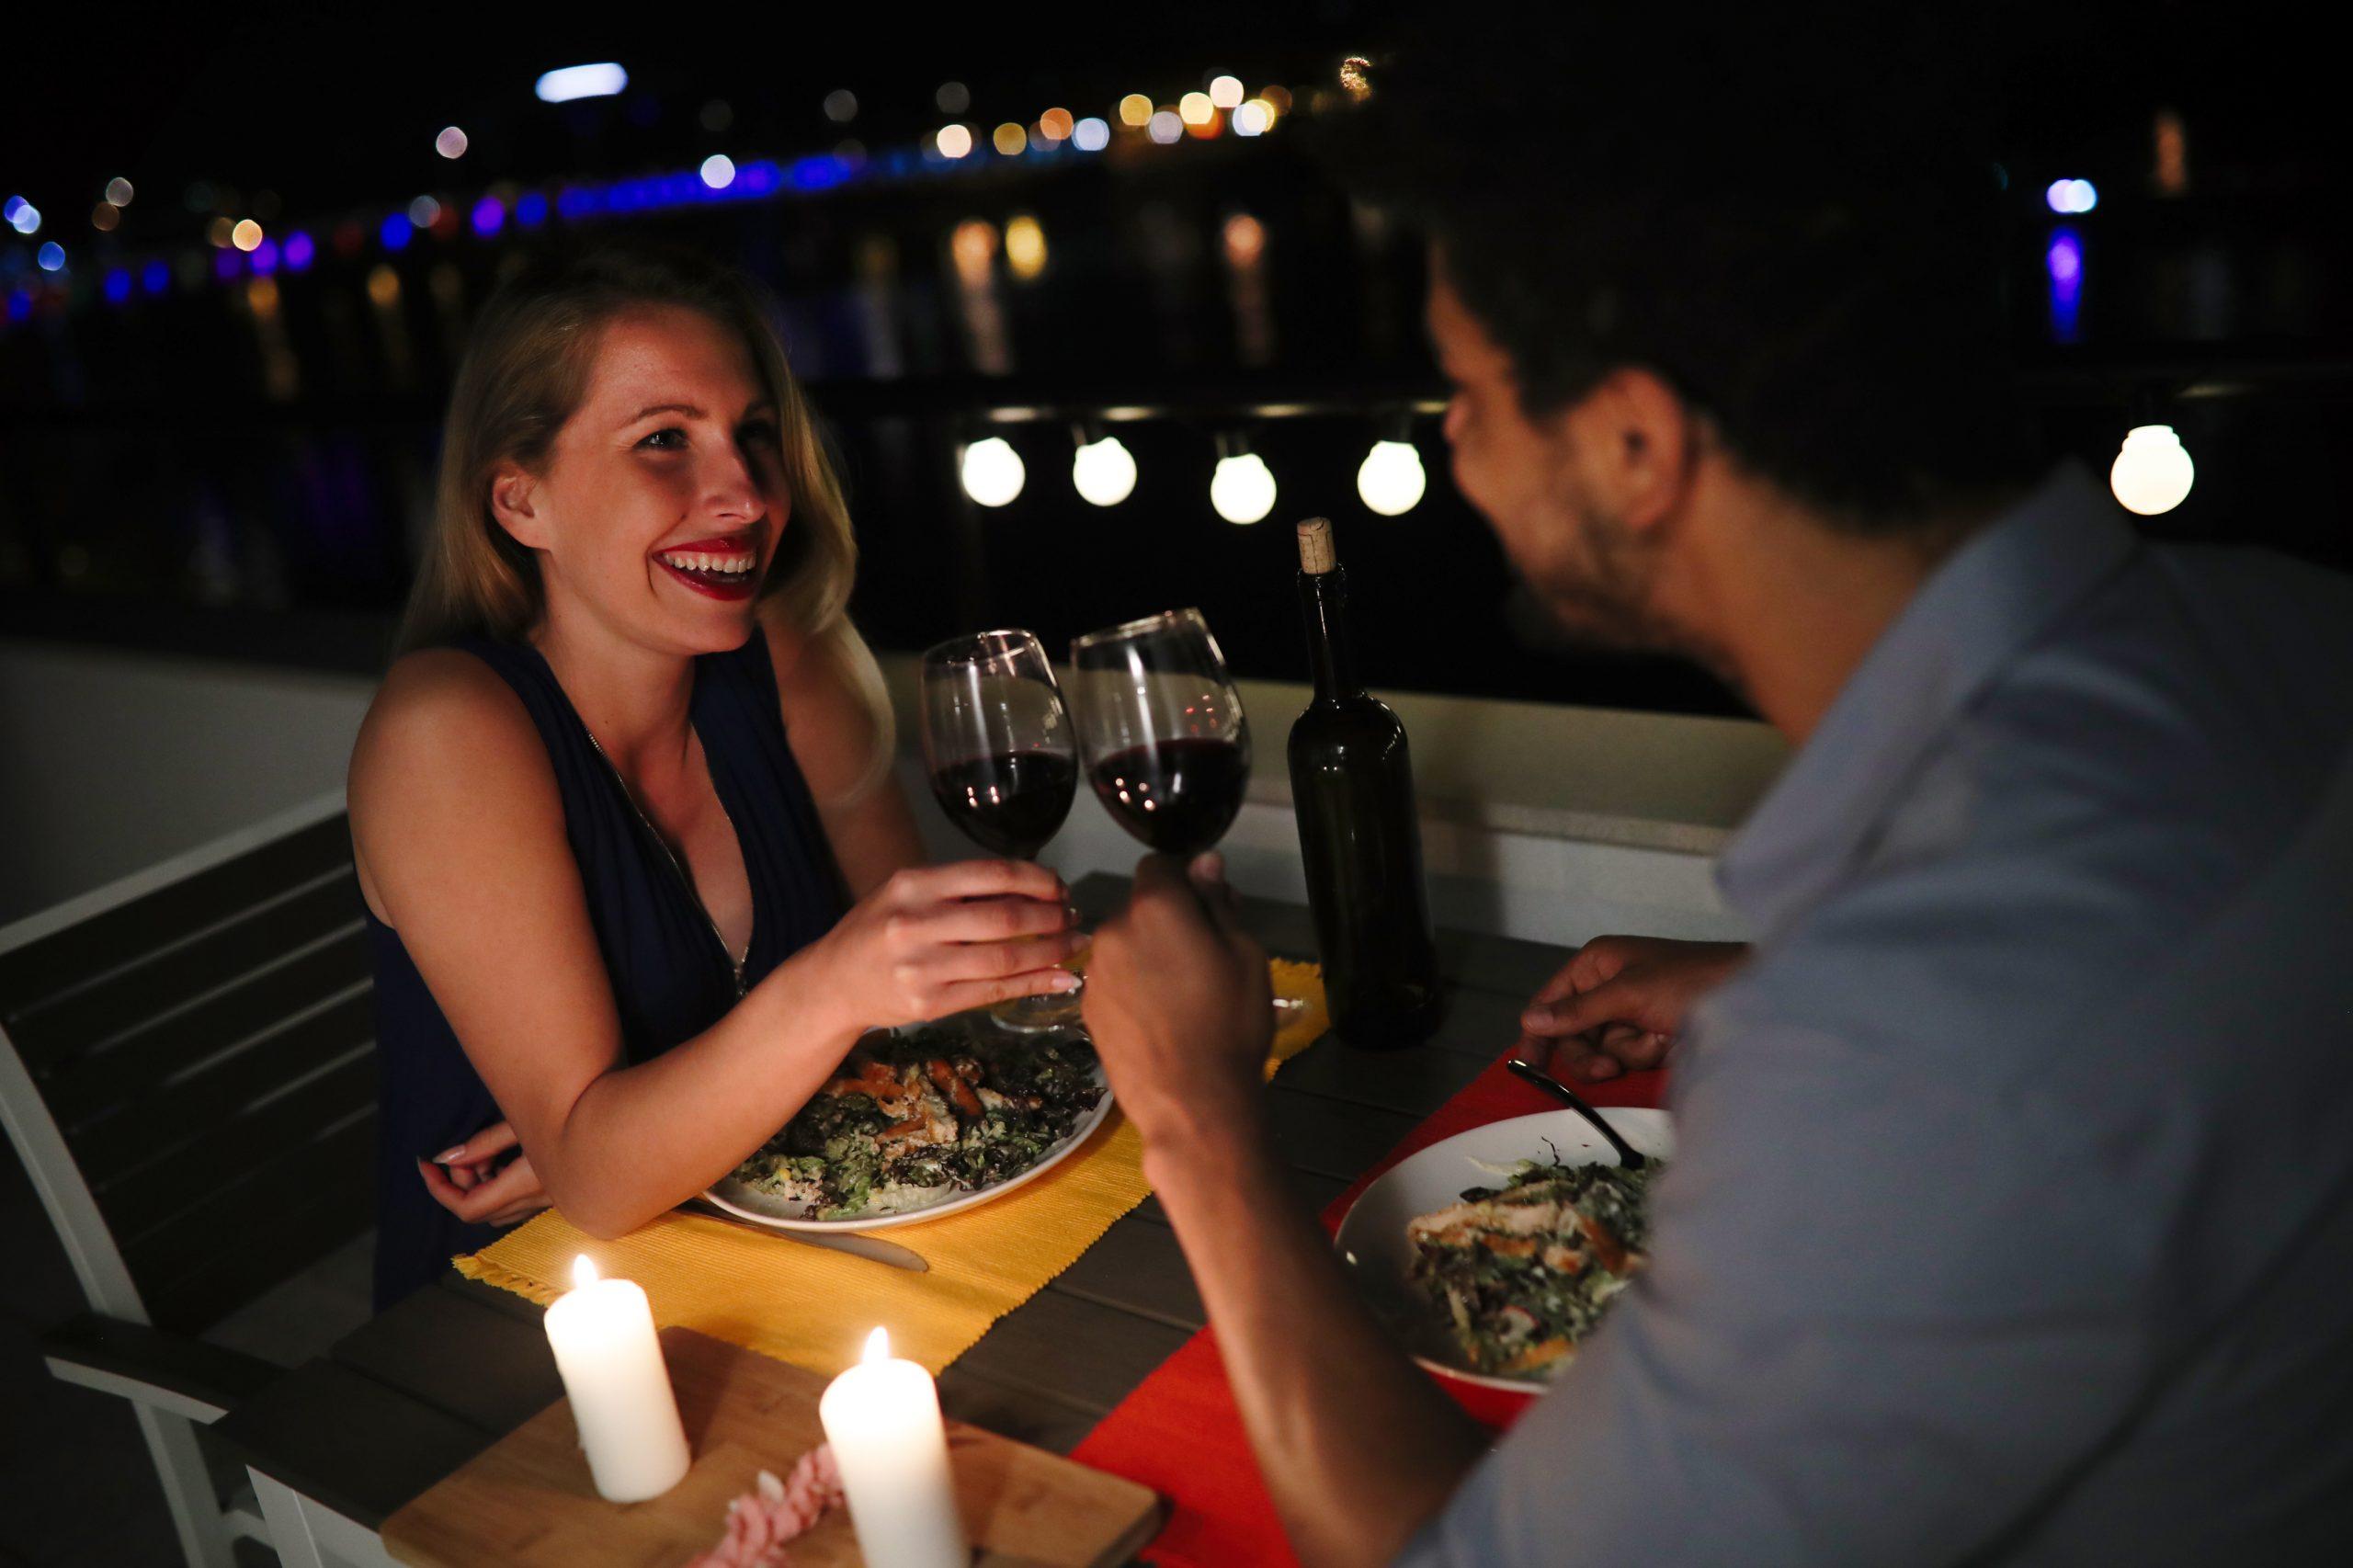 Noche especial parejas en barco Noche romántica con cena y pernocta